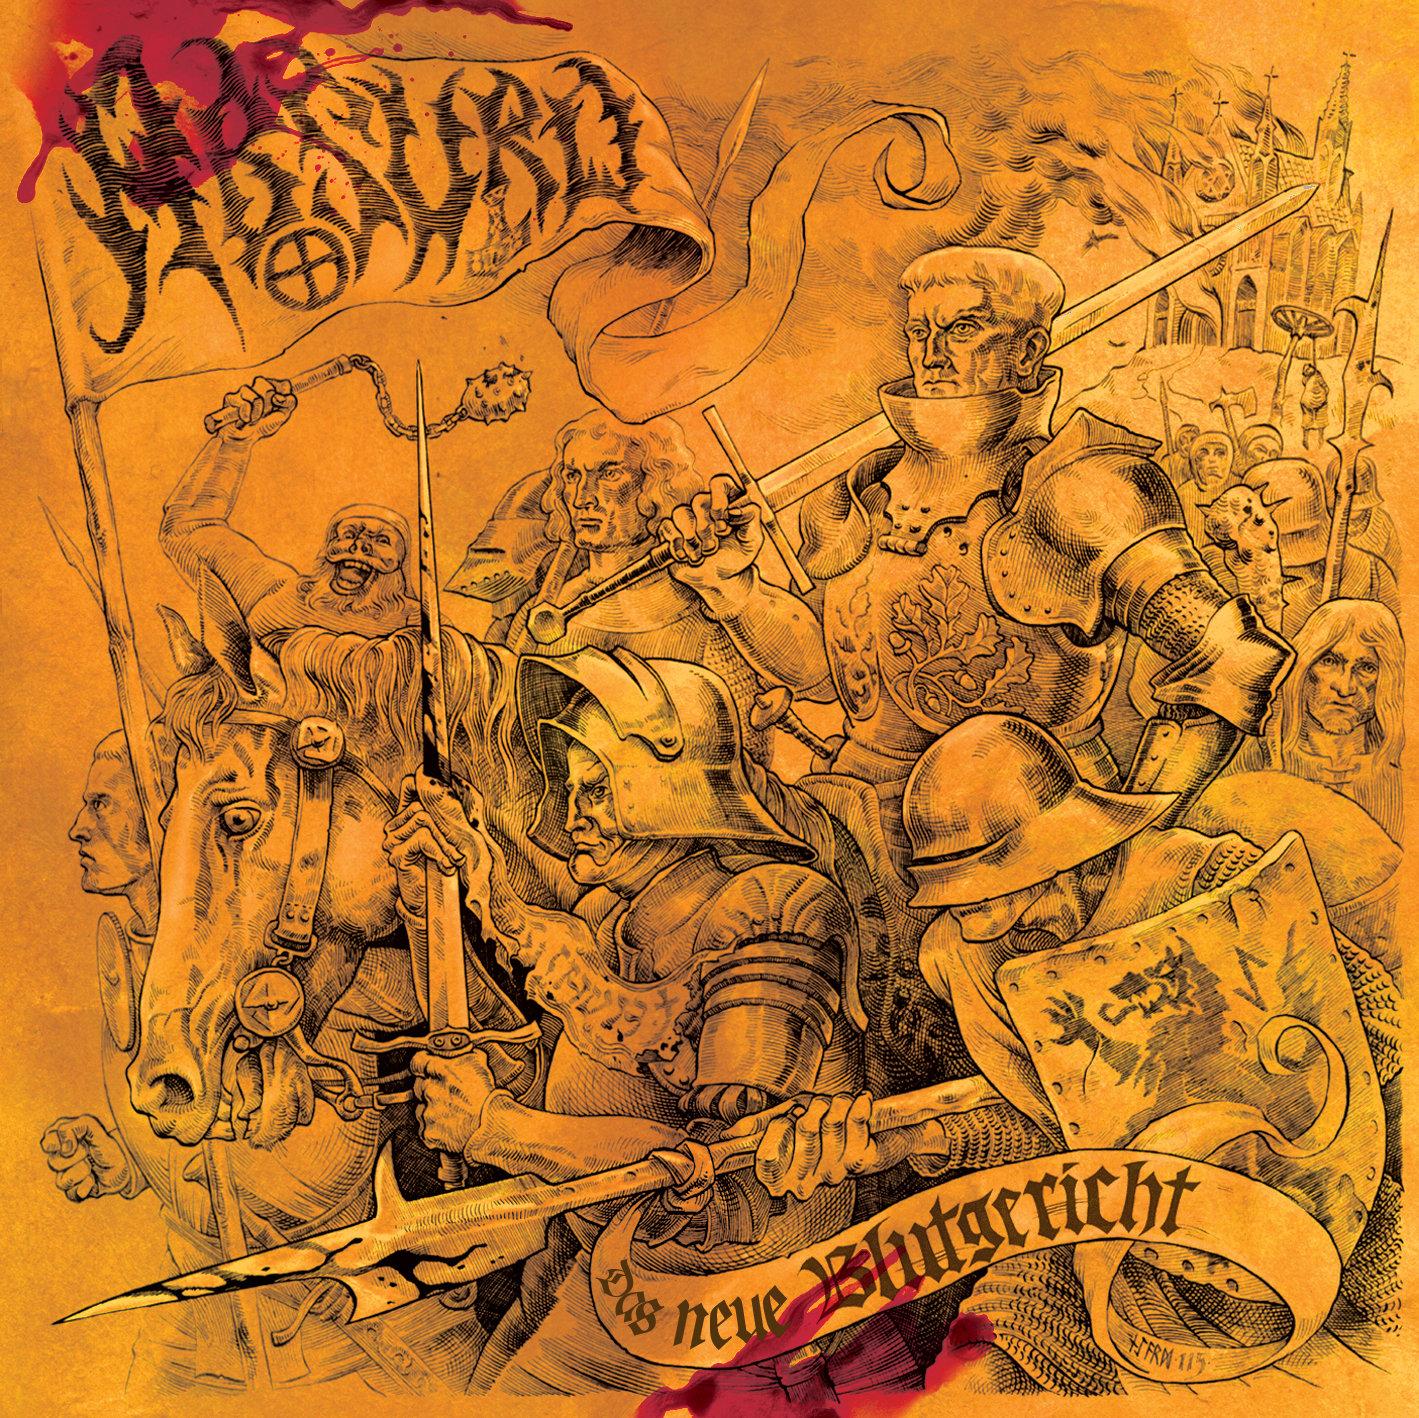 Image of Absurd - Das neue Blutgericht (CD)